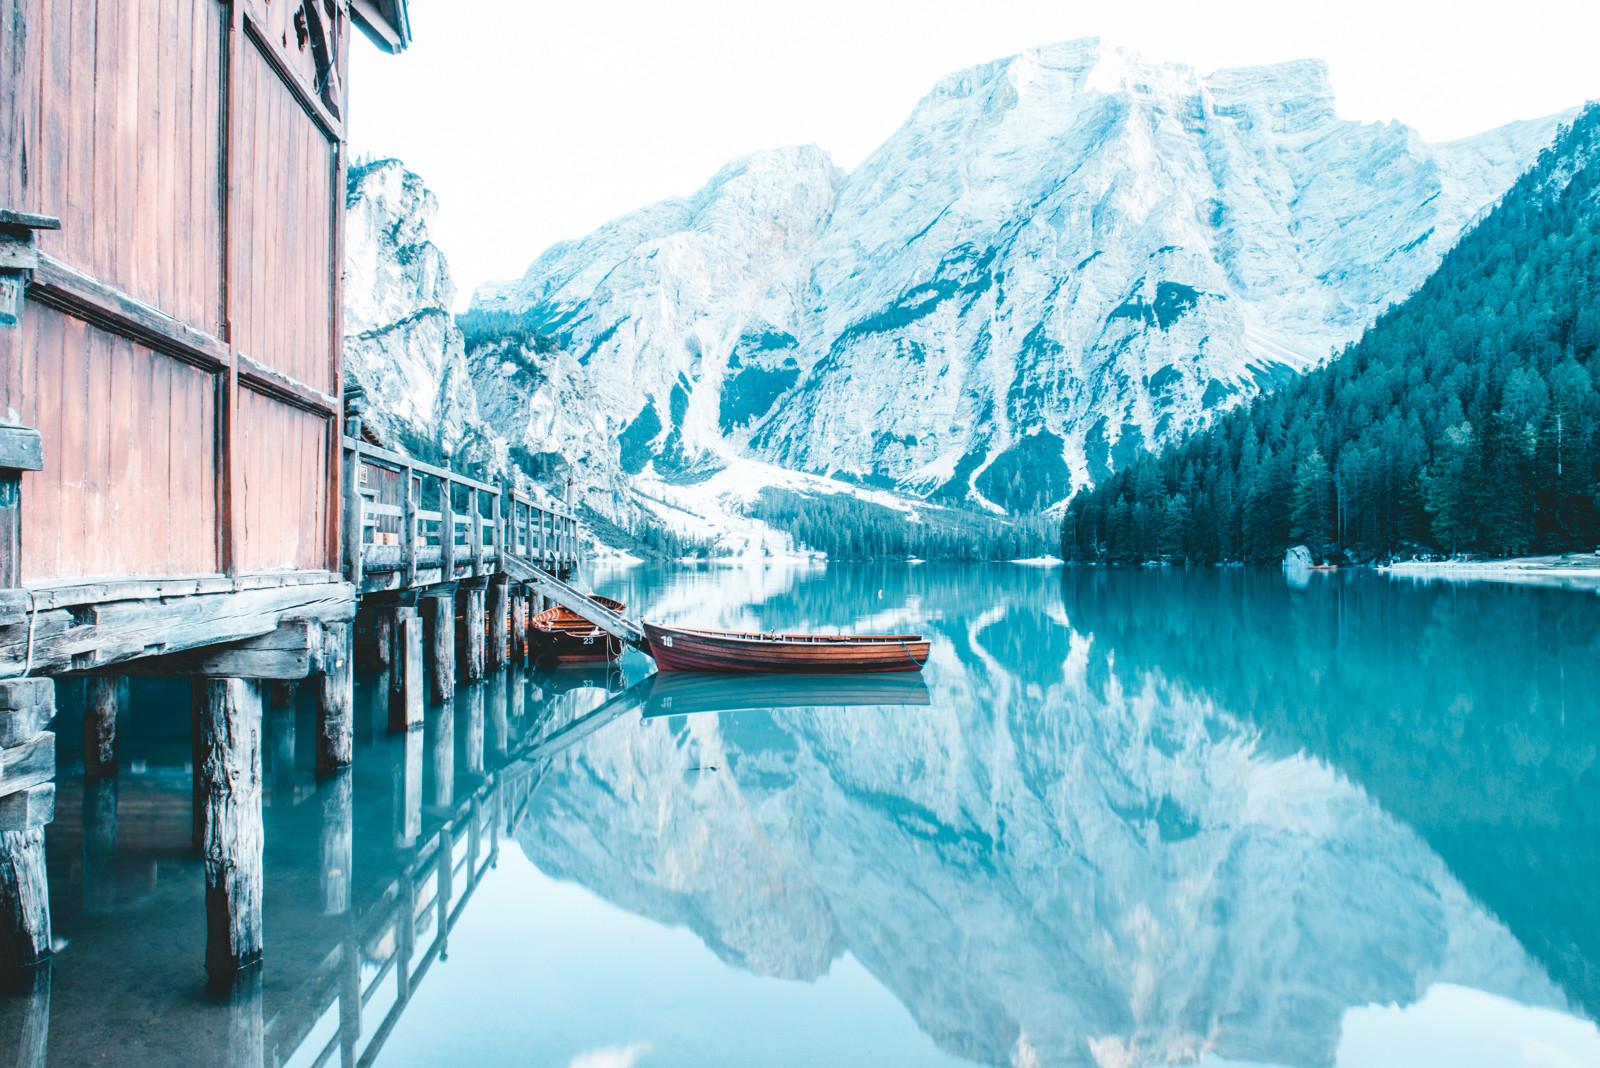 aguas esmeralda en el lago braies fotografia de paolo pettigiani